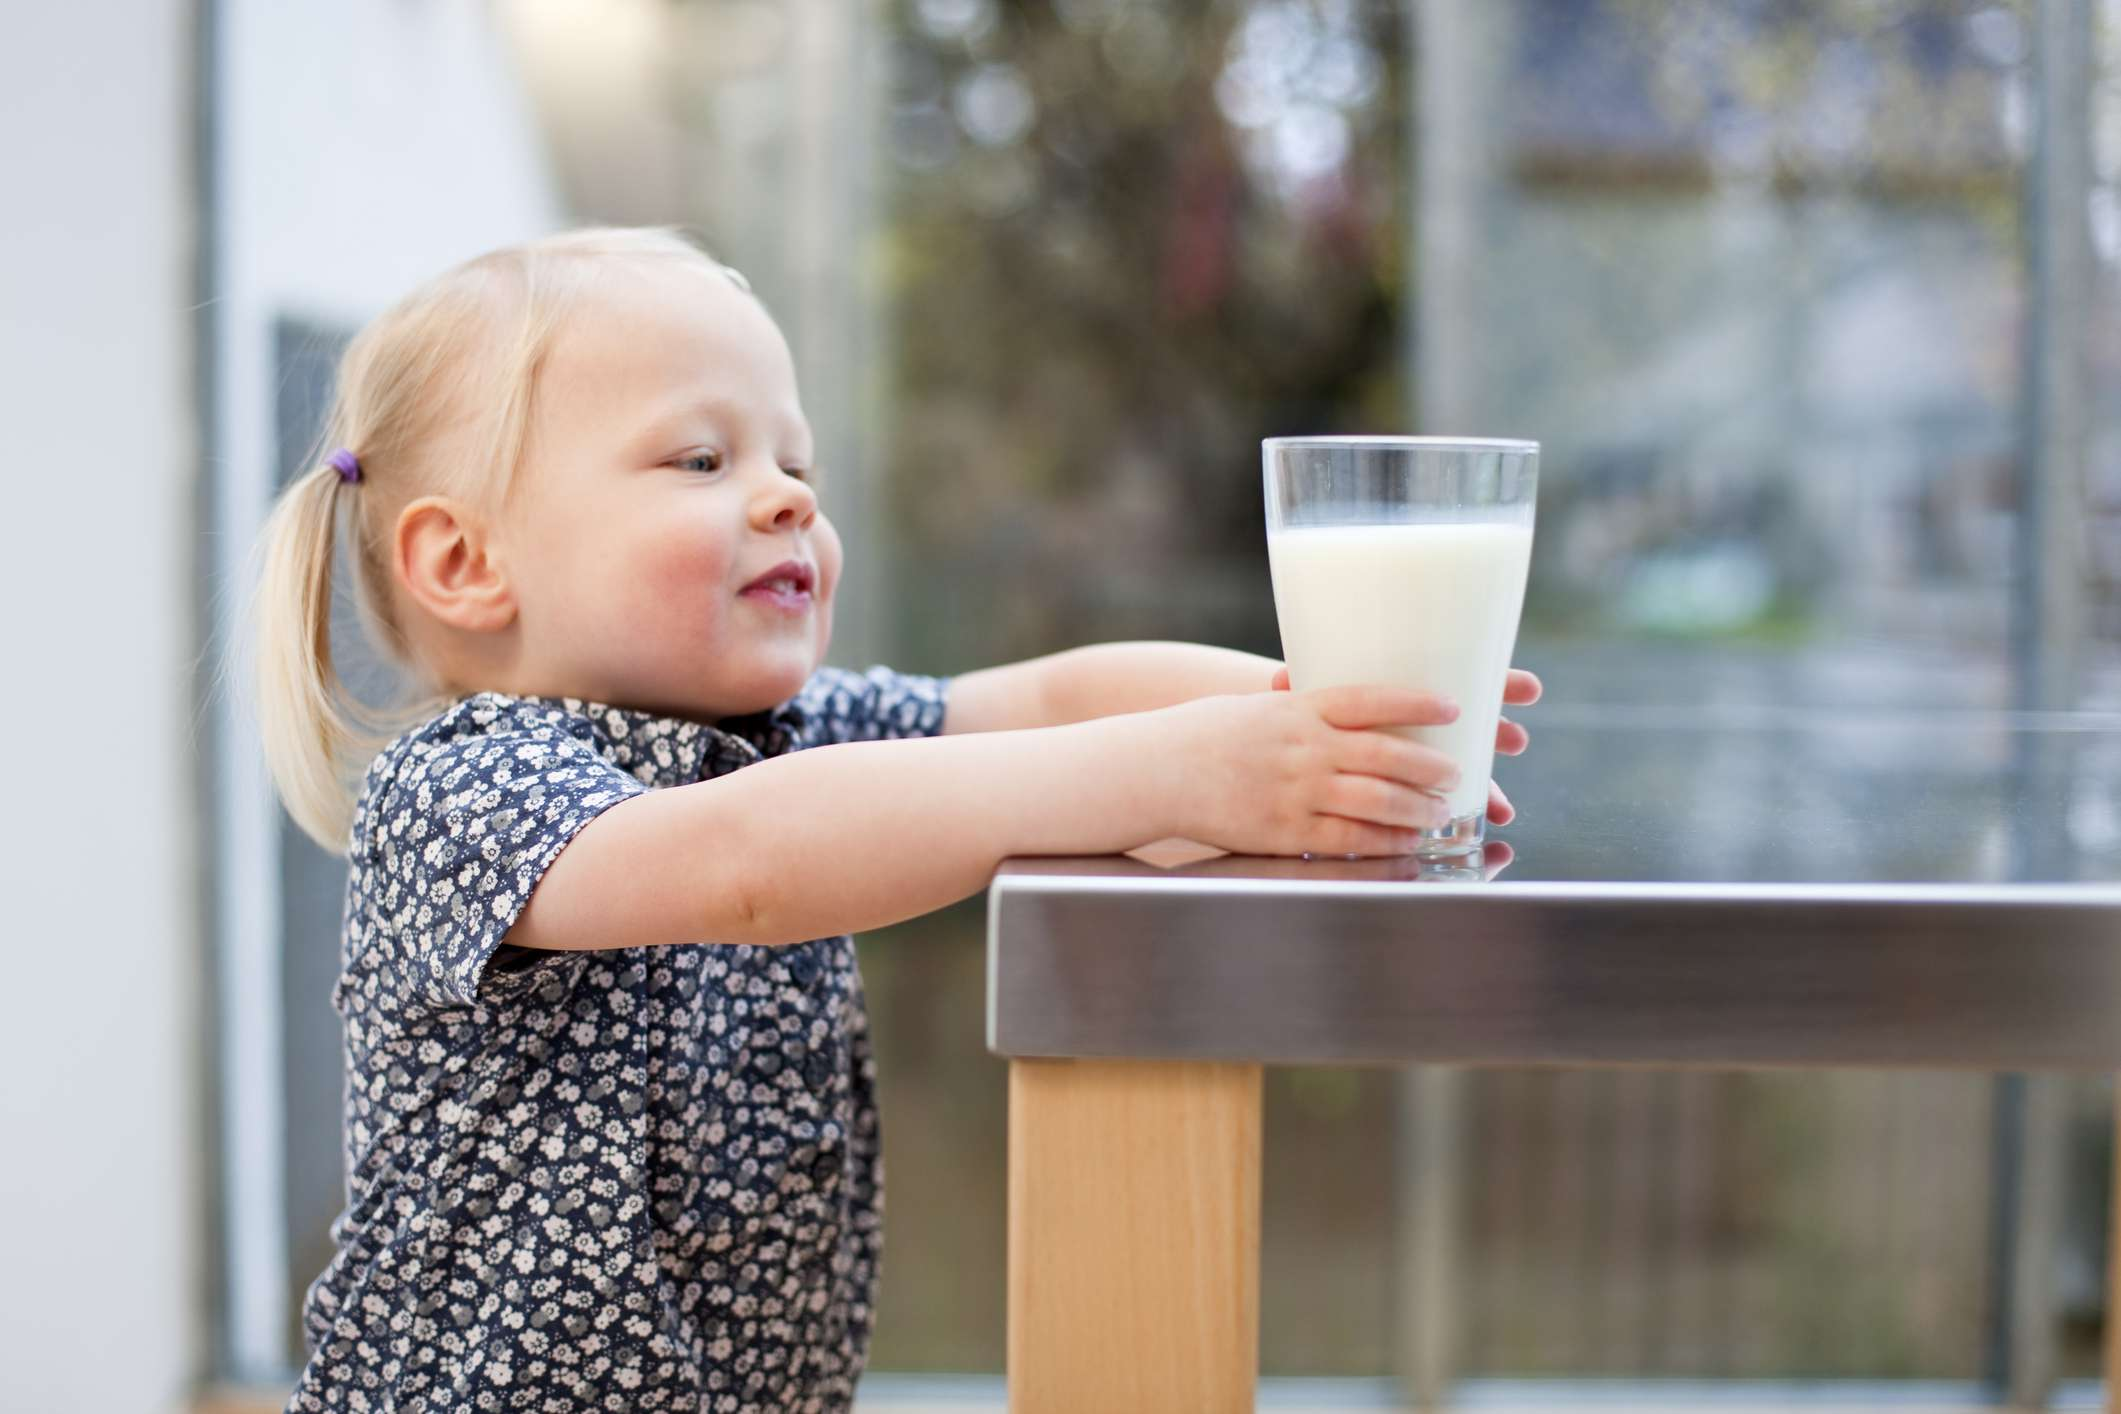 Toddler girl holding glass of milk